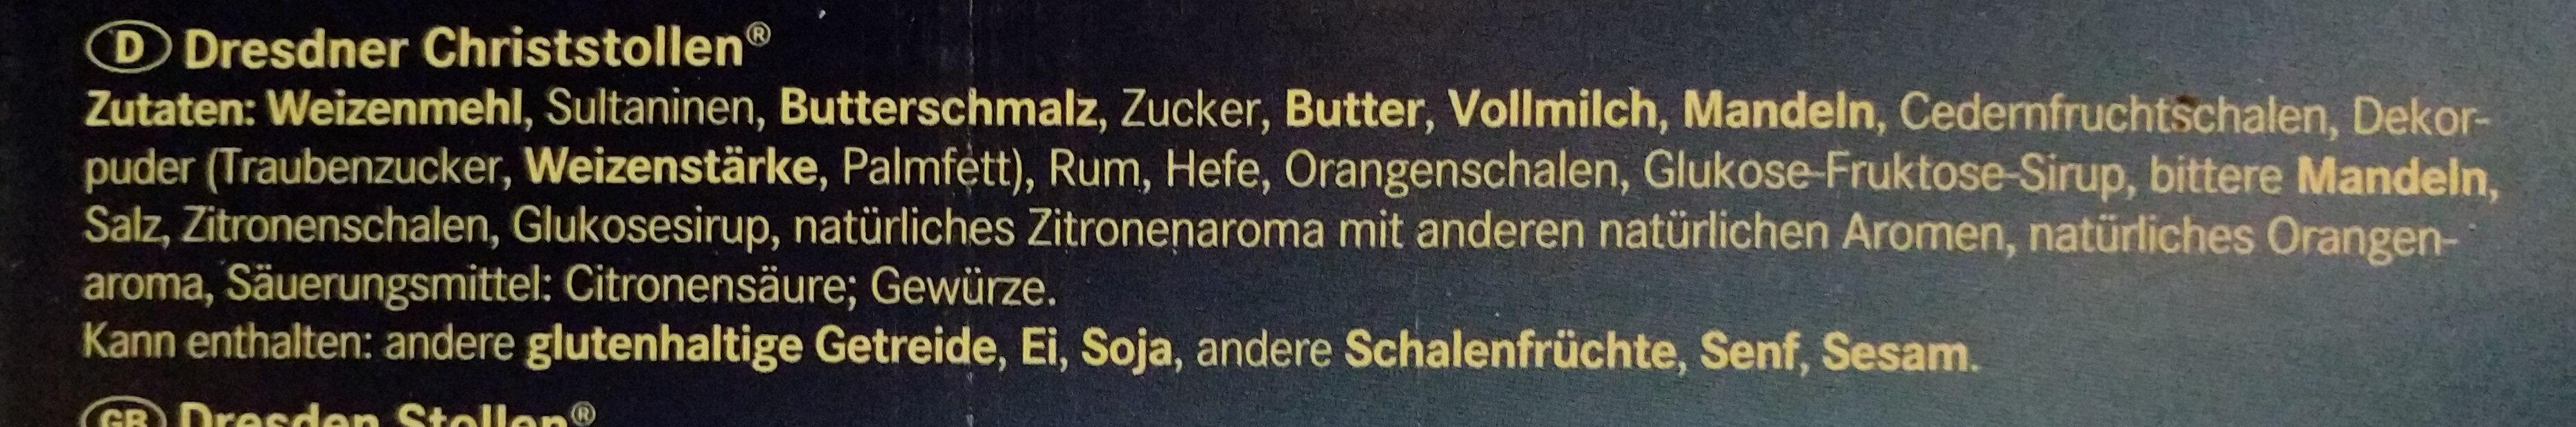 Christstollen - Ingredients - de